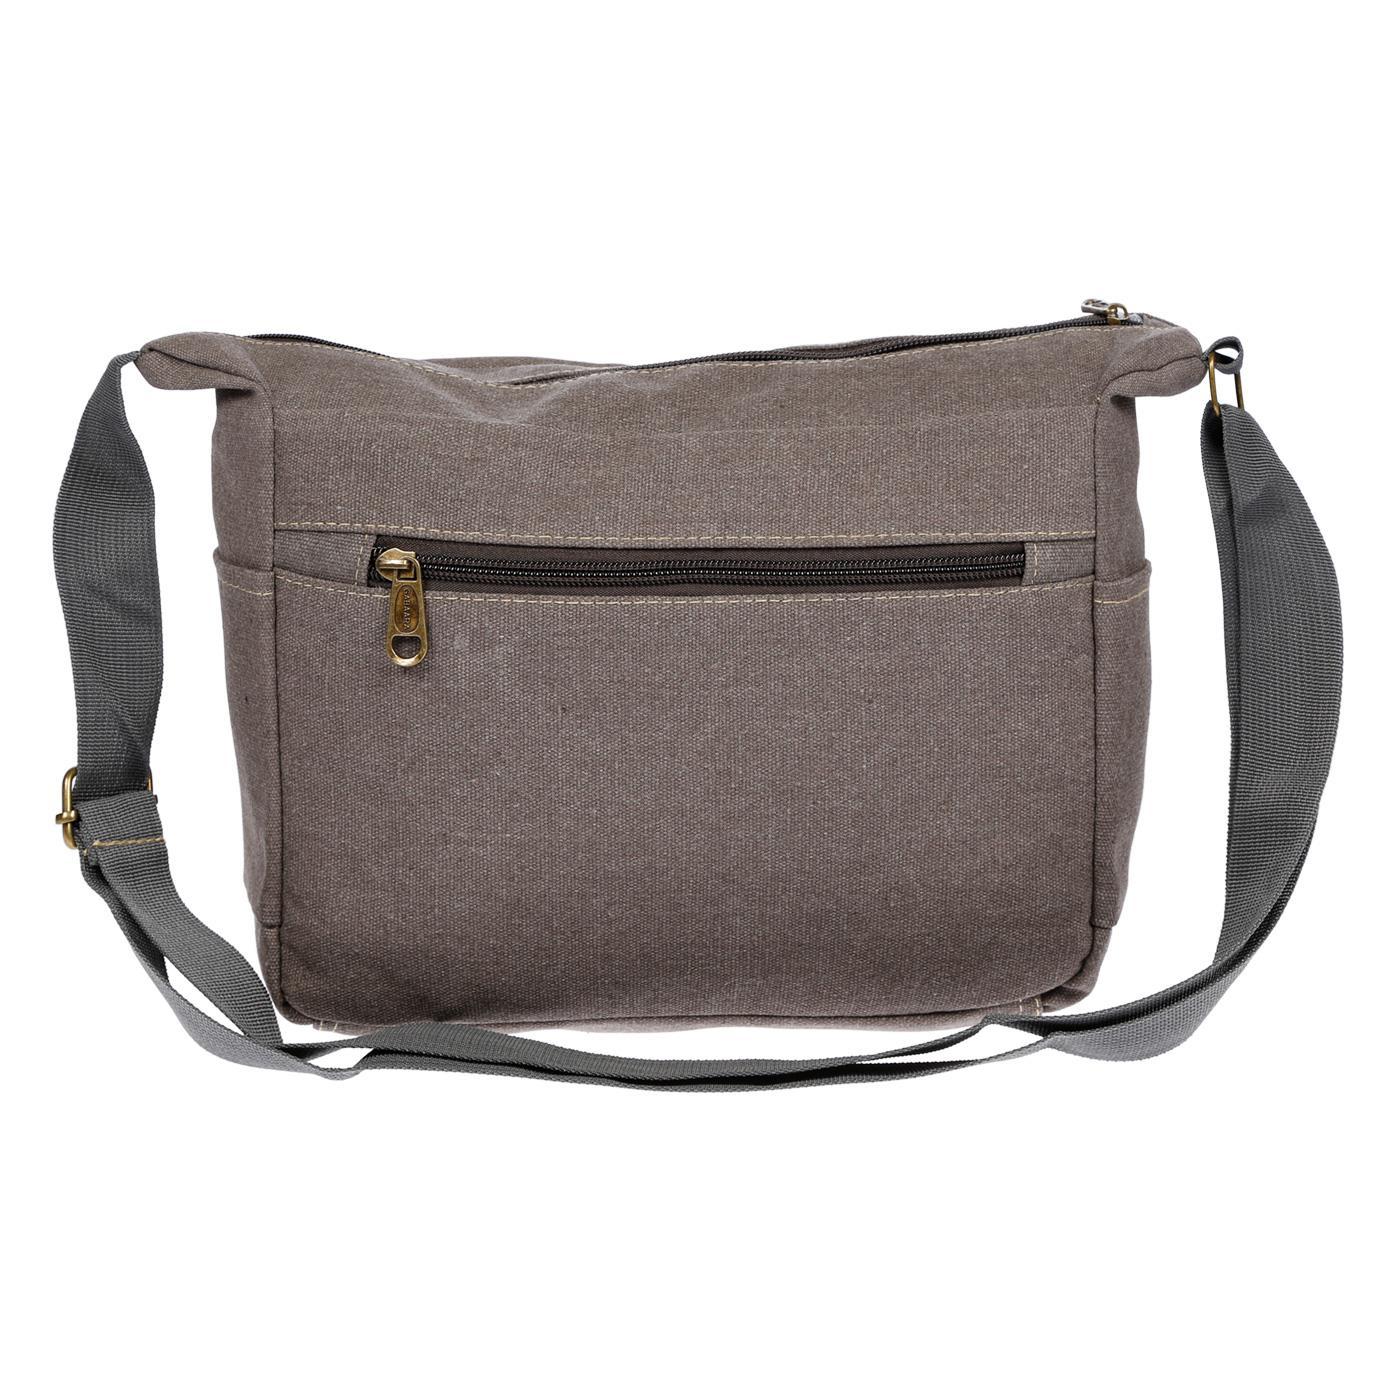 Damen-Tasche-Canvas-Umhaengetasche-Schultertasche-Crossover-Bag-Damenhandtasche Indexbild 34